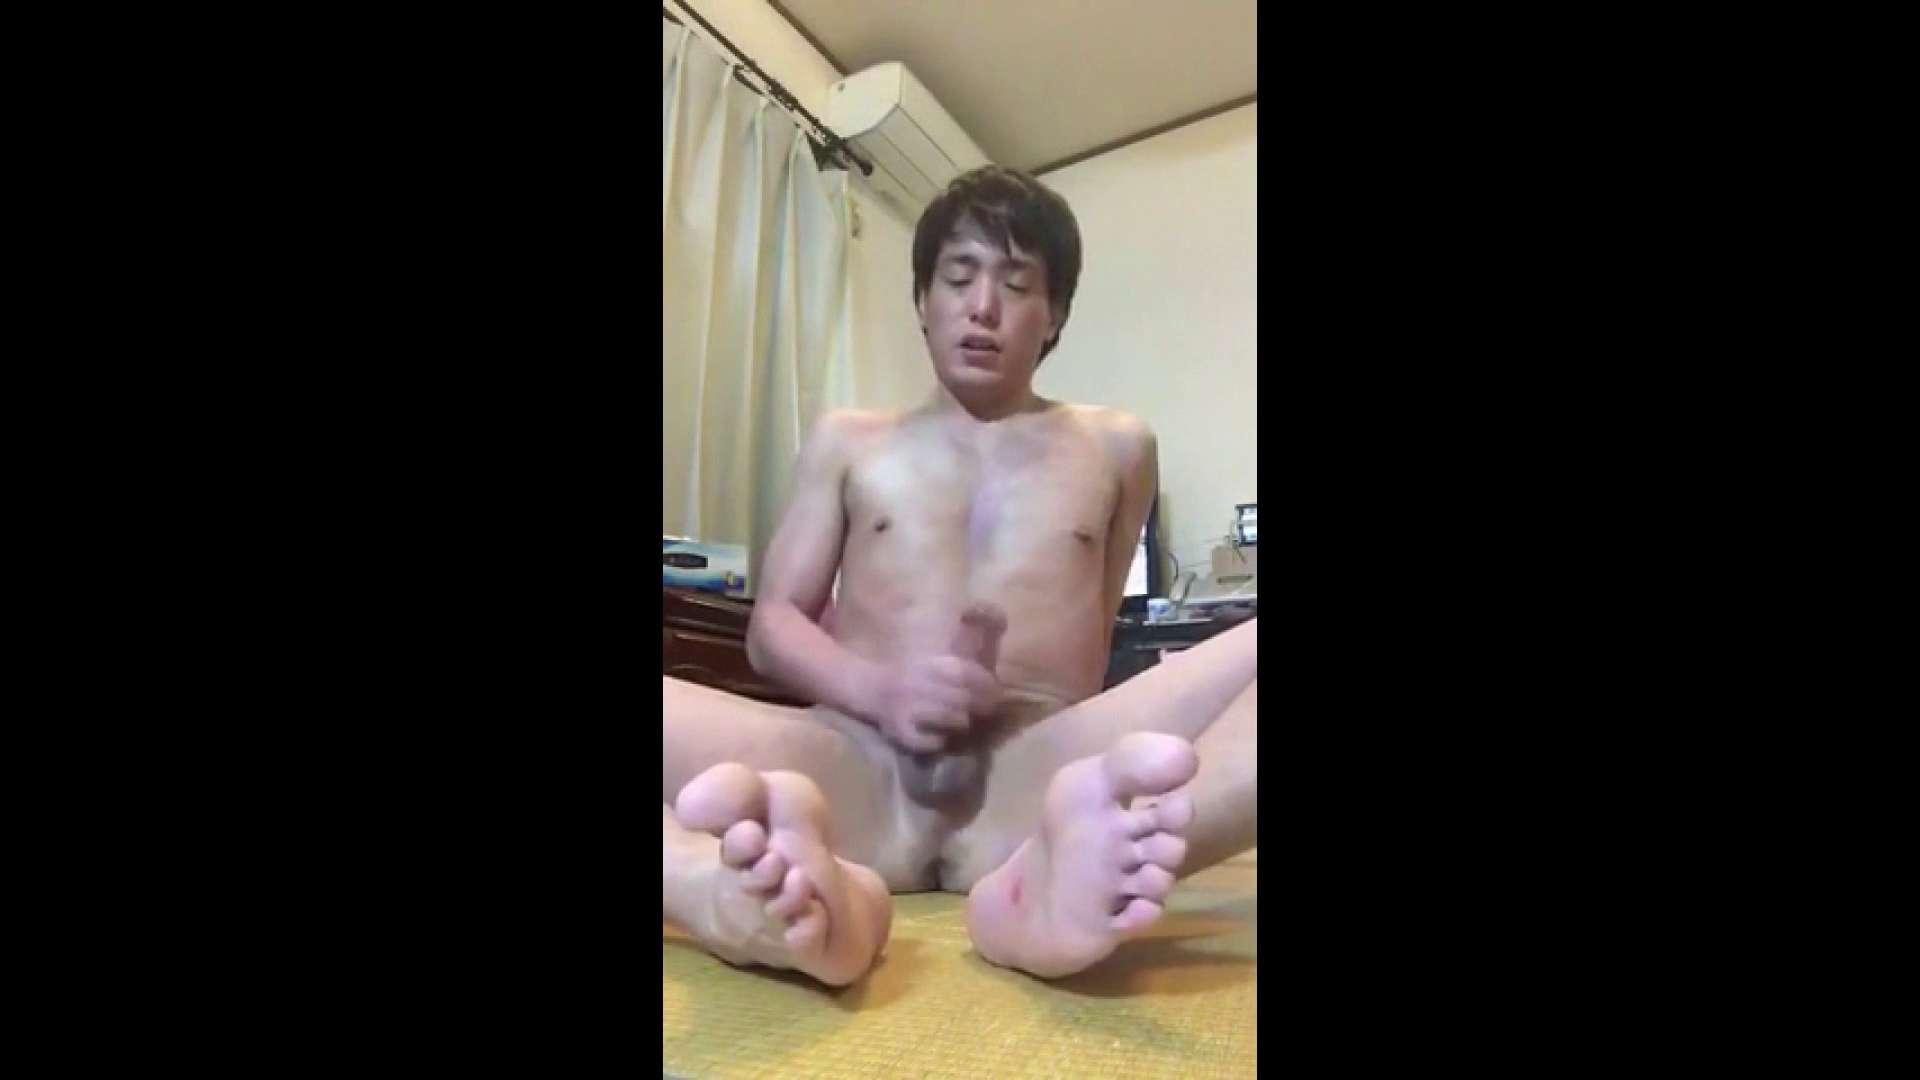 個人撮影 自慰の極意 Vol.30 モザイク無し ゲイエロ動画 87pic 19